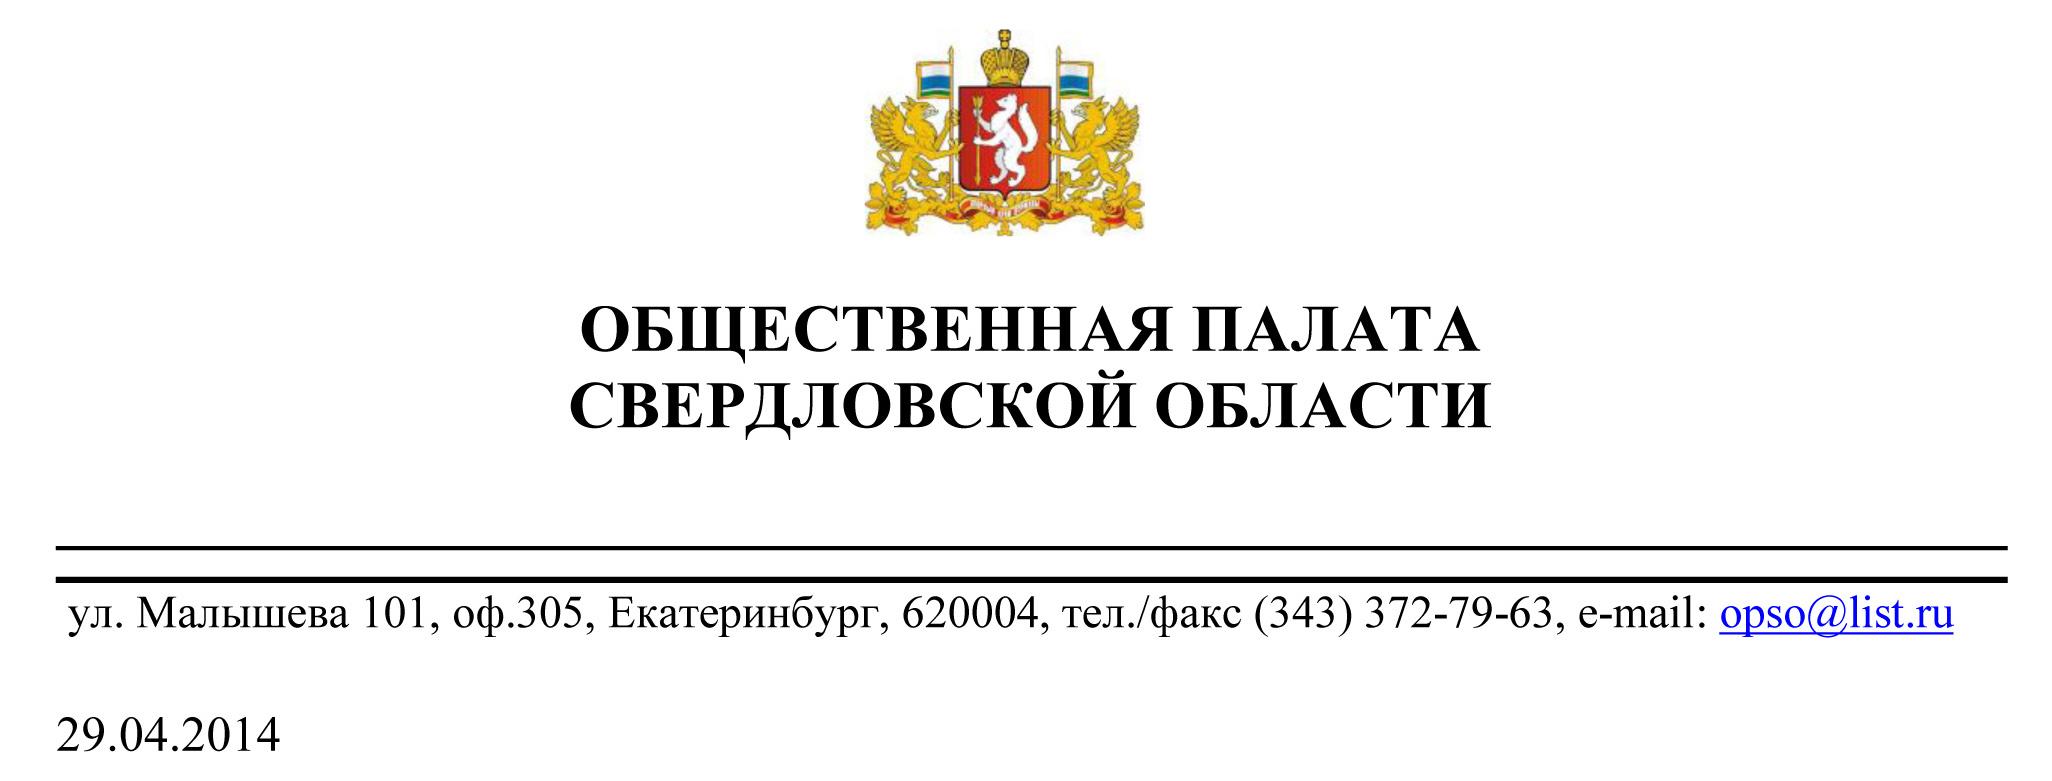 2014-04-29 Решение по слушаниям-0